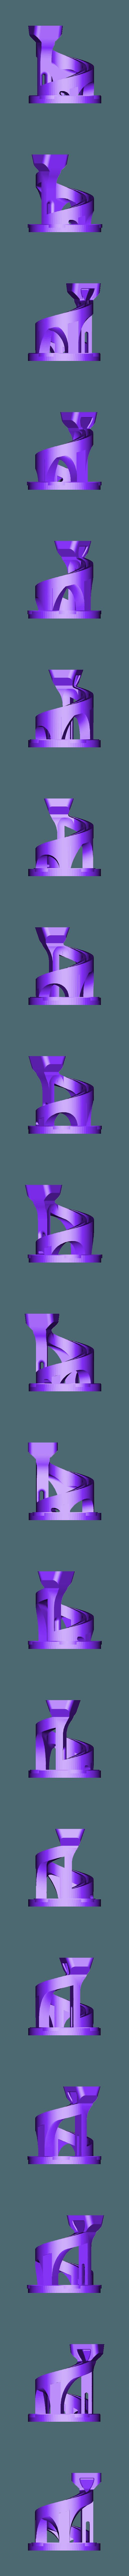 Body2.stl Télécharger fichier STL gratuit tirelire • Modèle pour impression 3D, freeclimbingbo